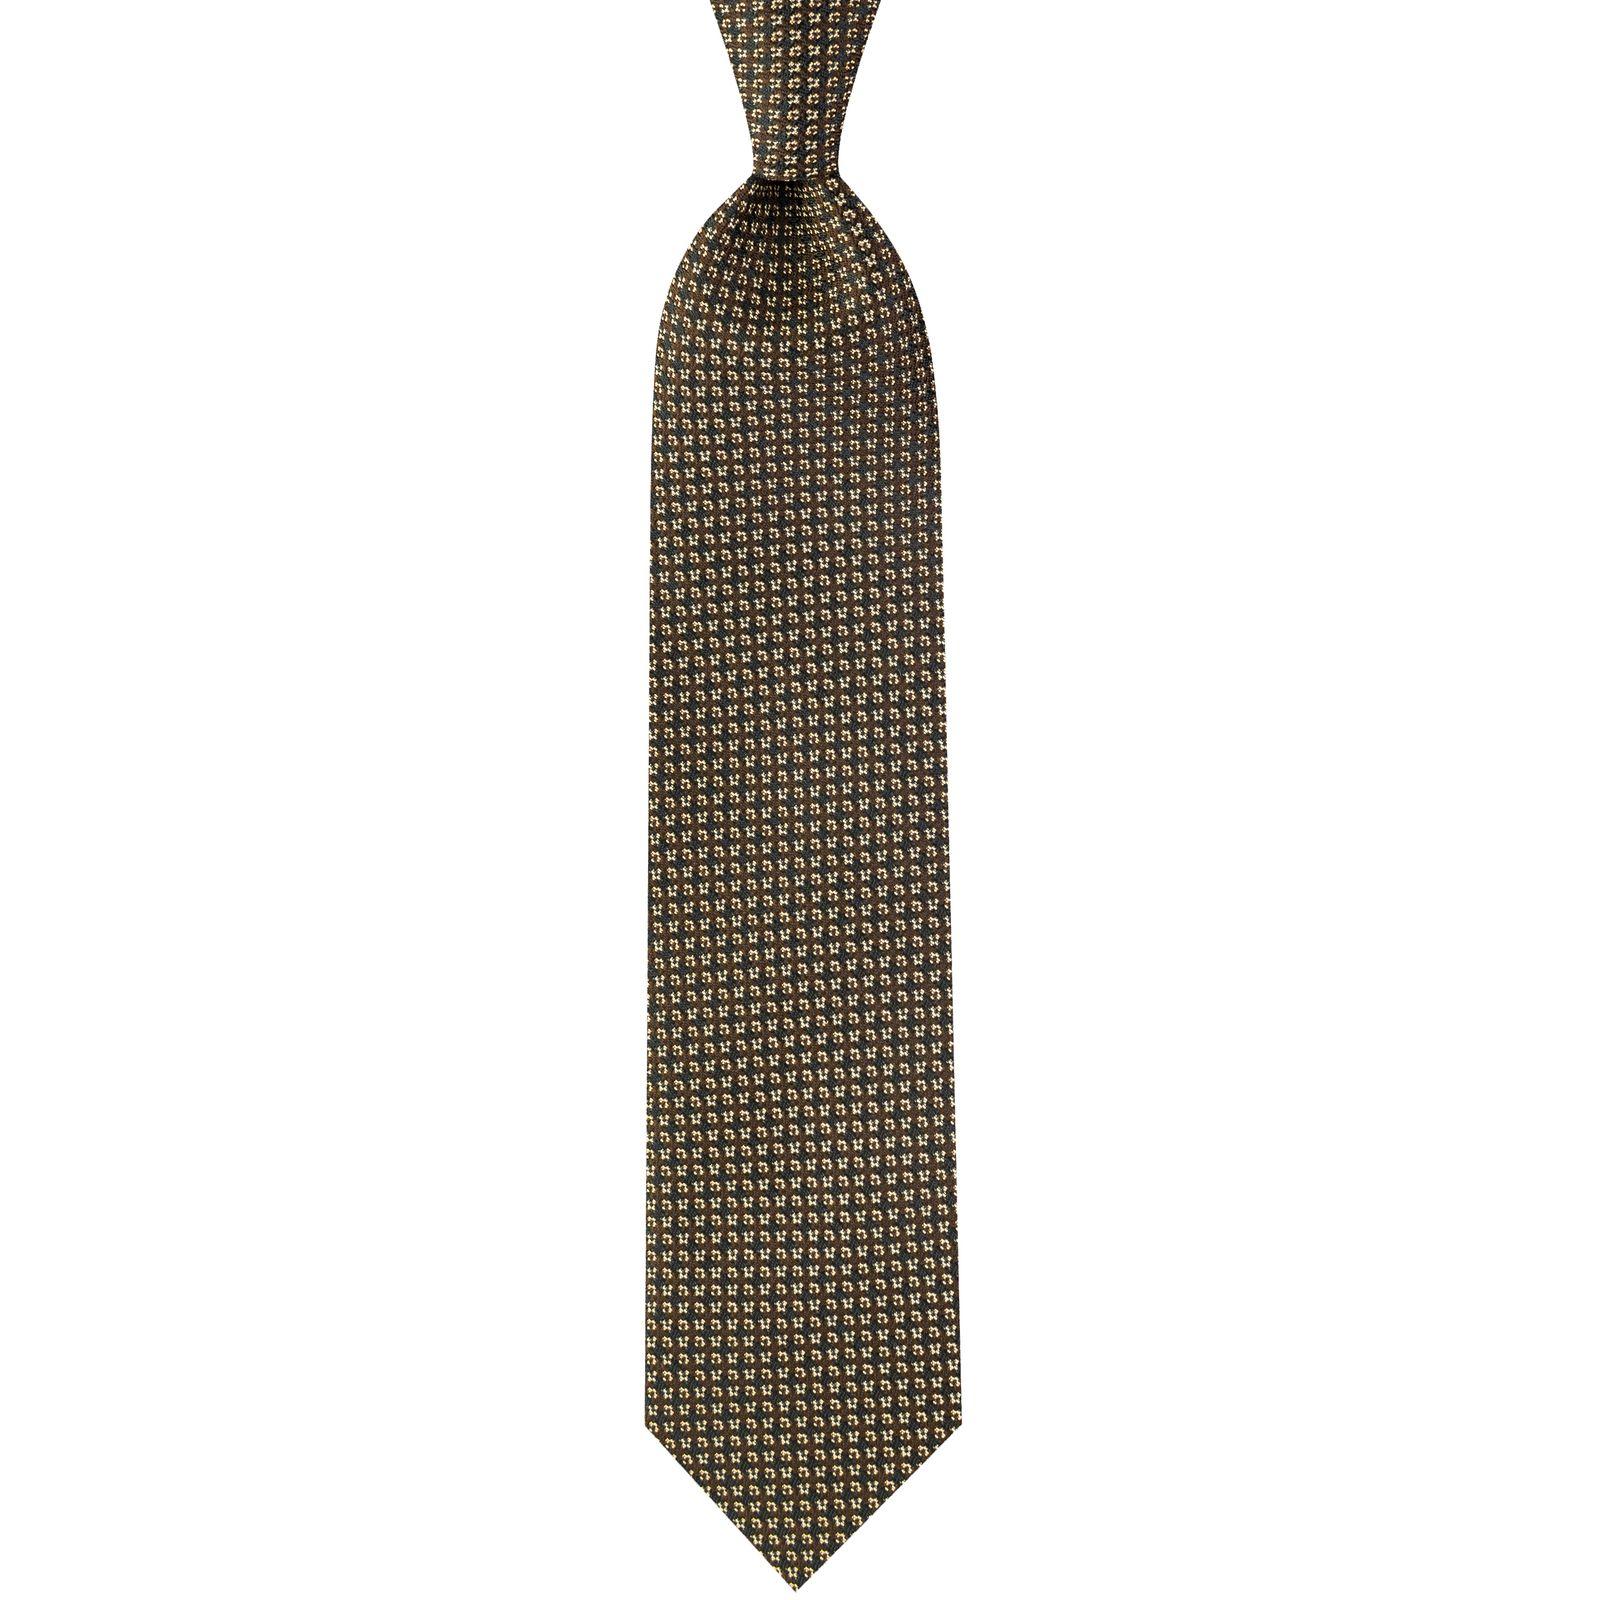 ست کراوات و دستمال جیب و گل کت مردانه جیان فرانکو روسی مدل GF-PO931-BR -  - 4